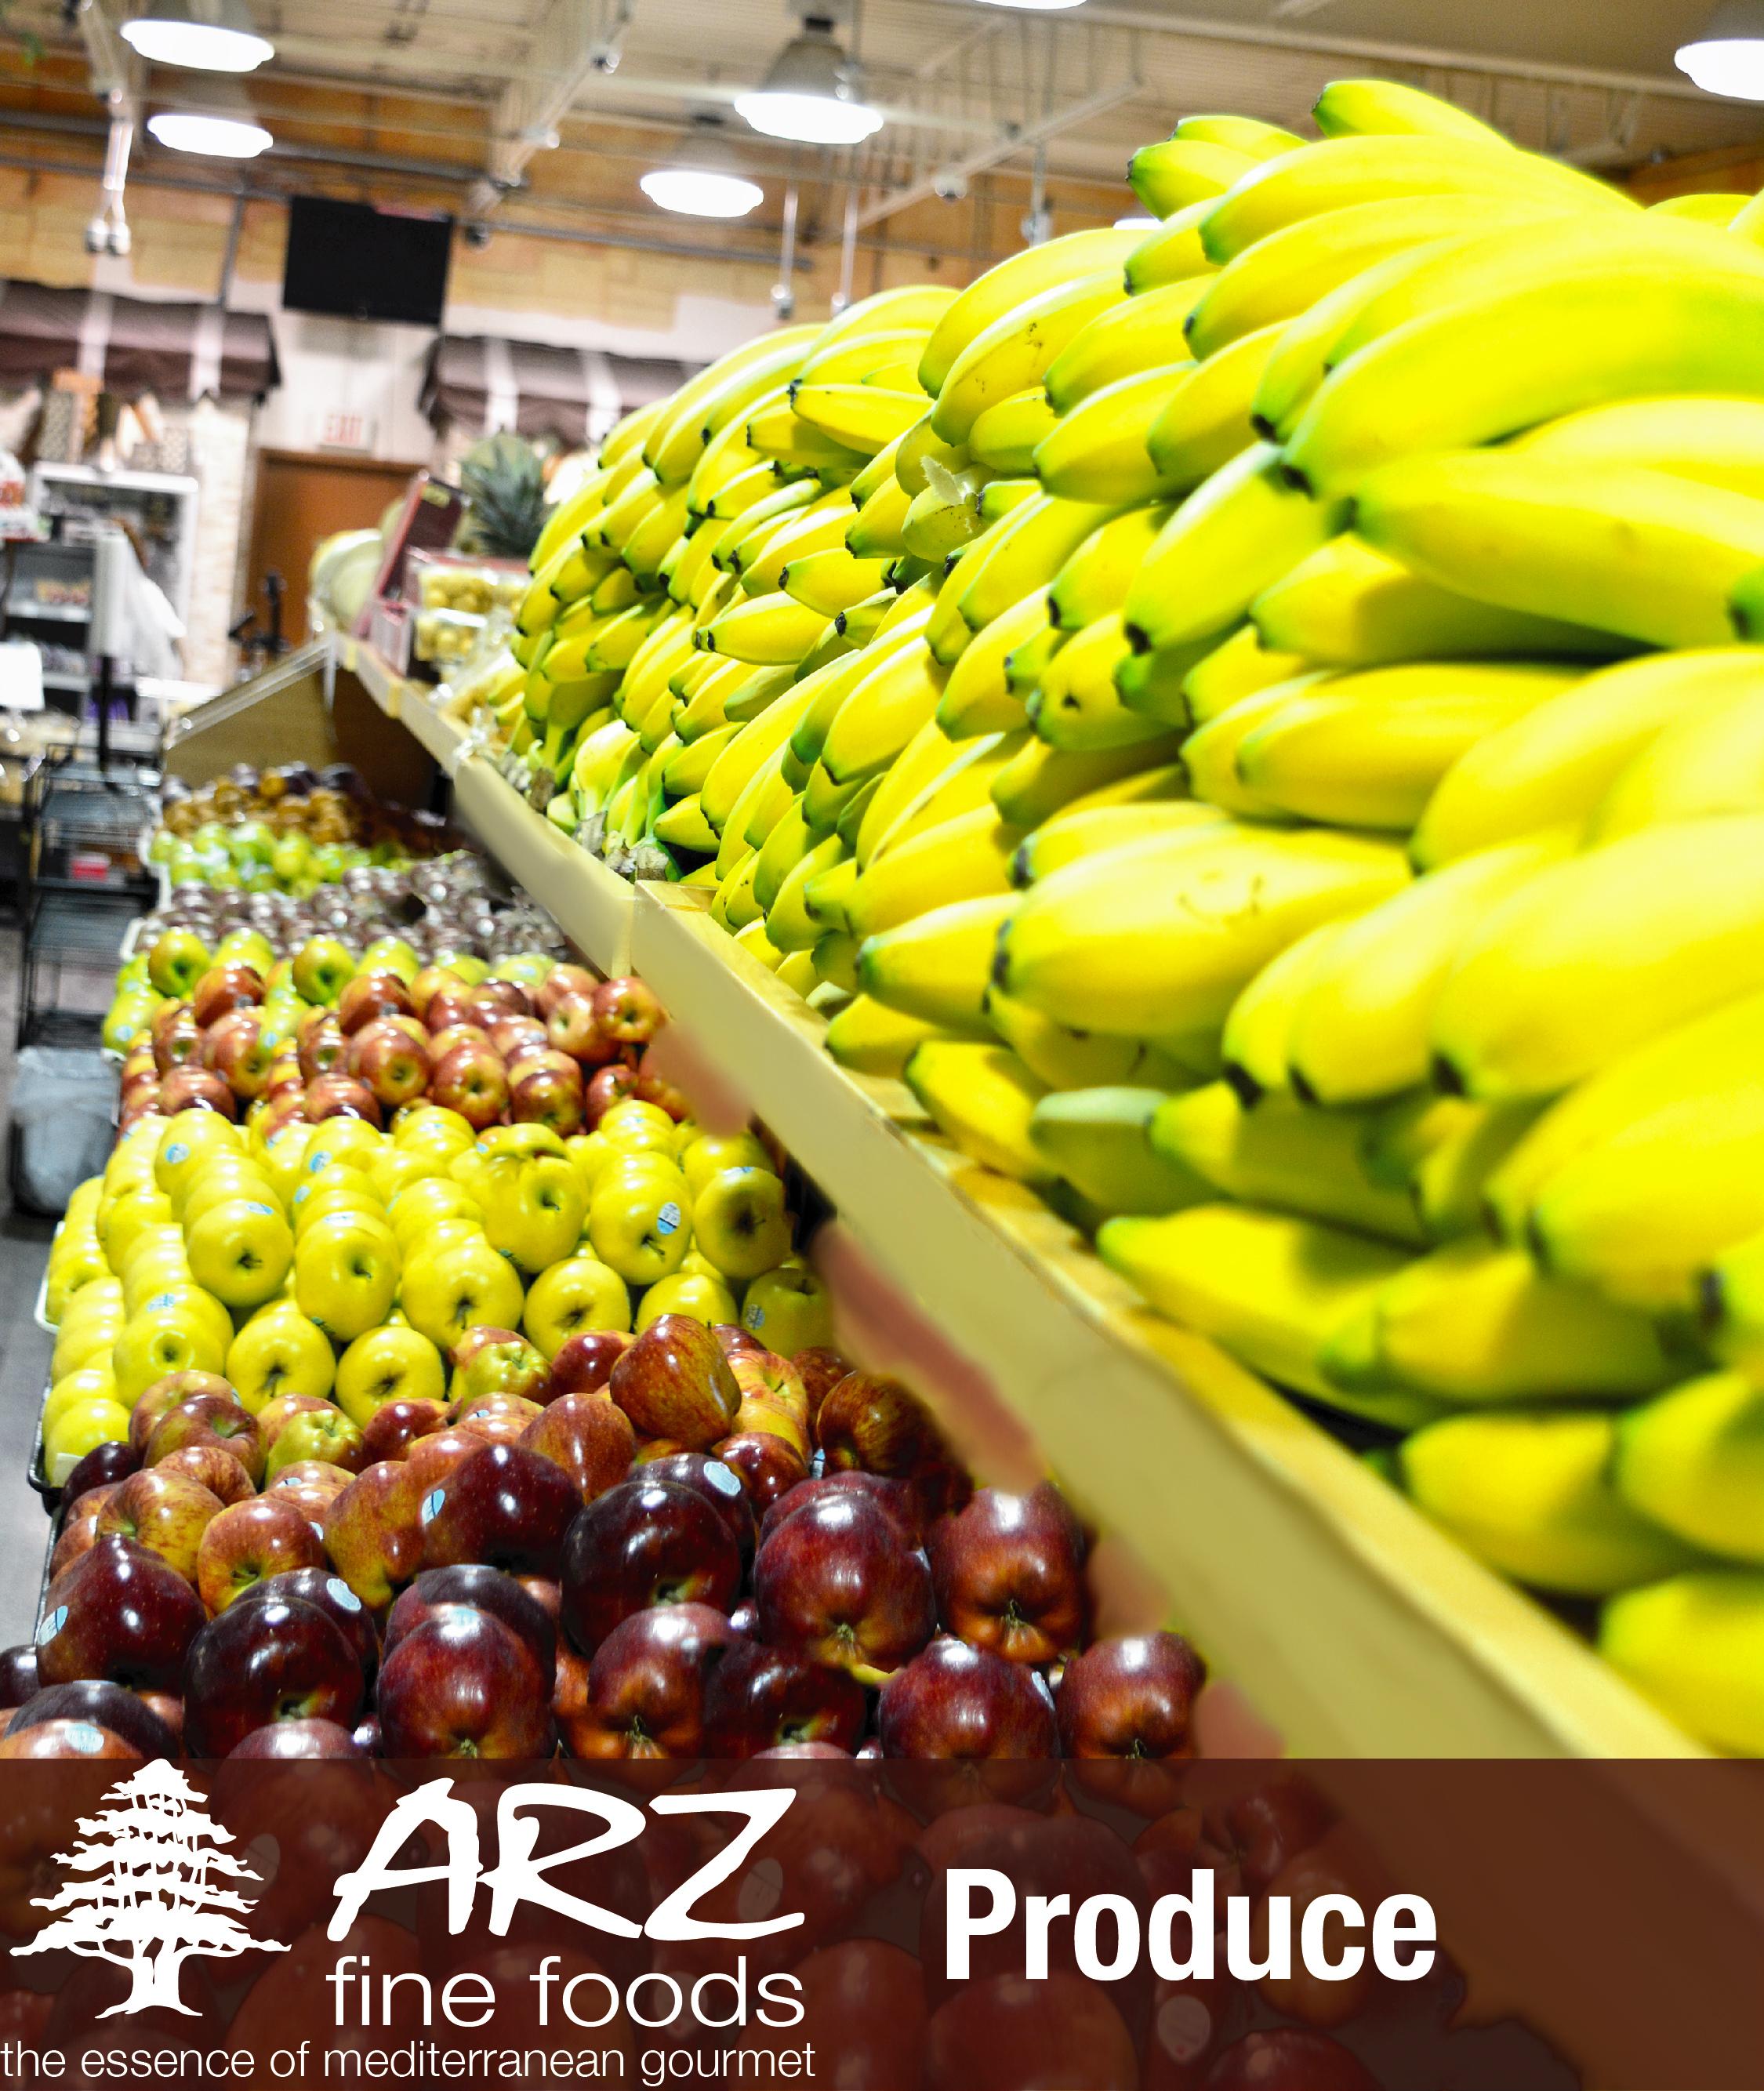 Arz Fine Foods | The Essence of Mediterranean Gourmet